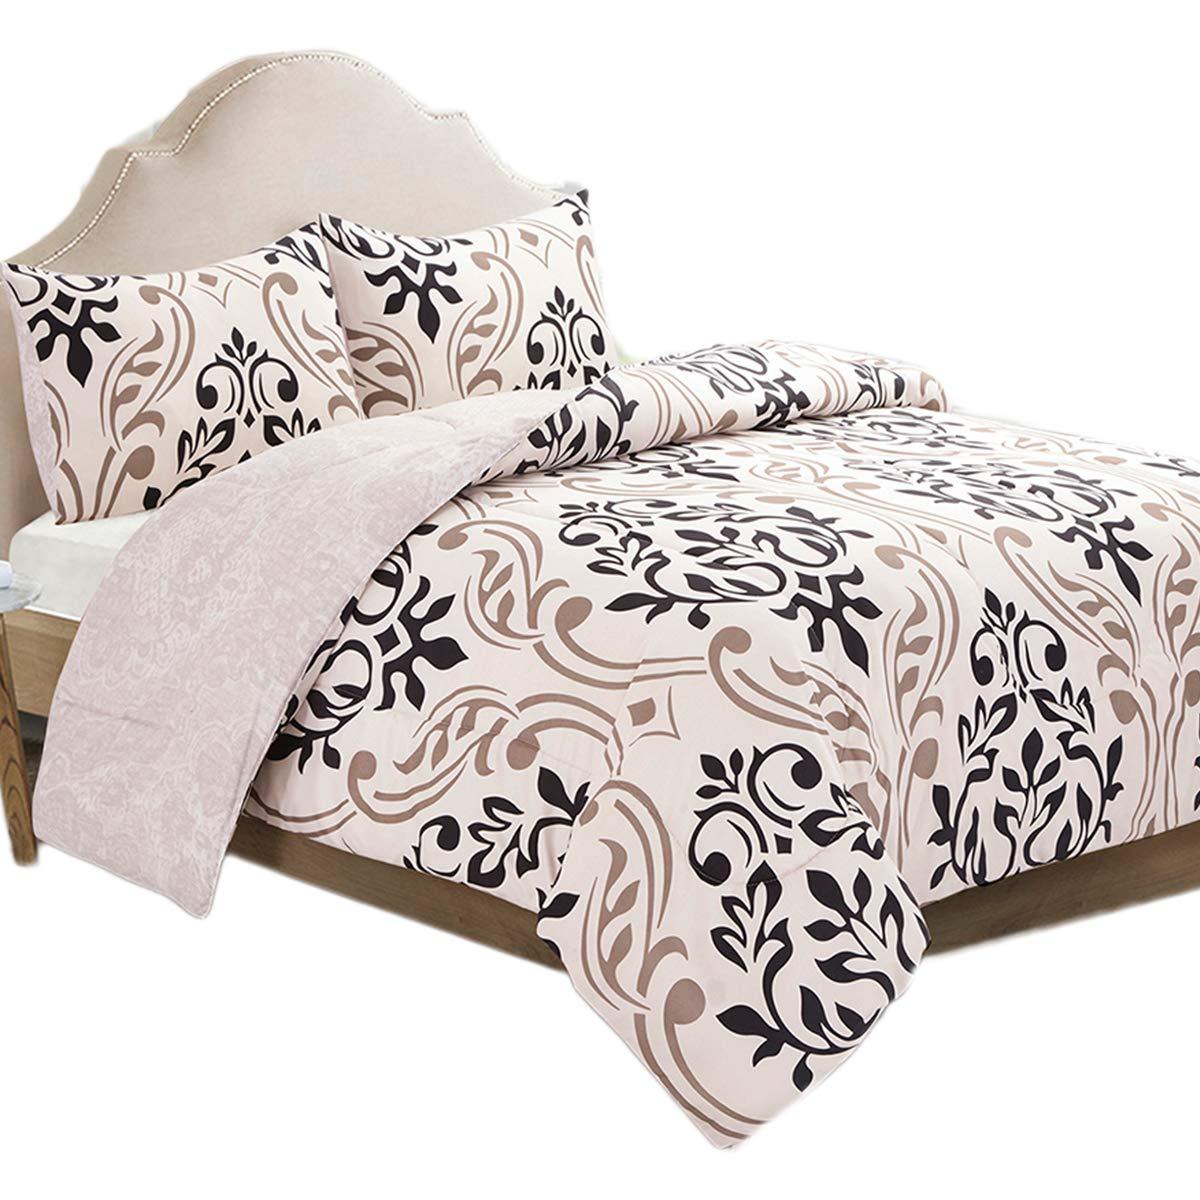 Amazon.com: HollyHOME Juego de cama en una bolsa, 2 piezas ...